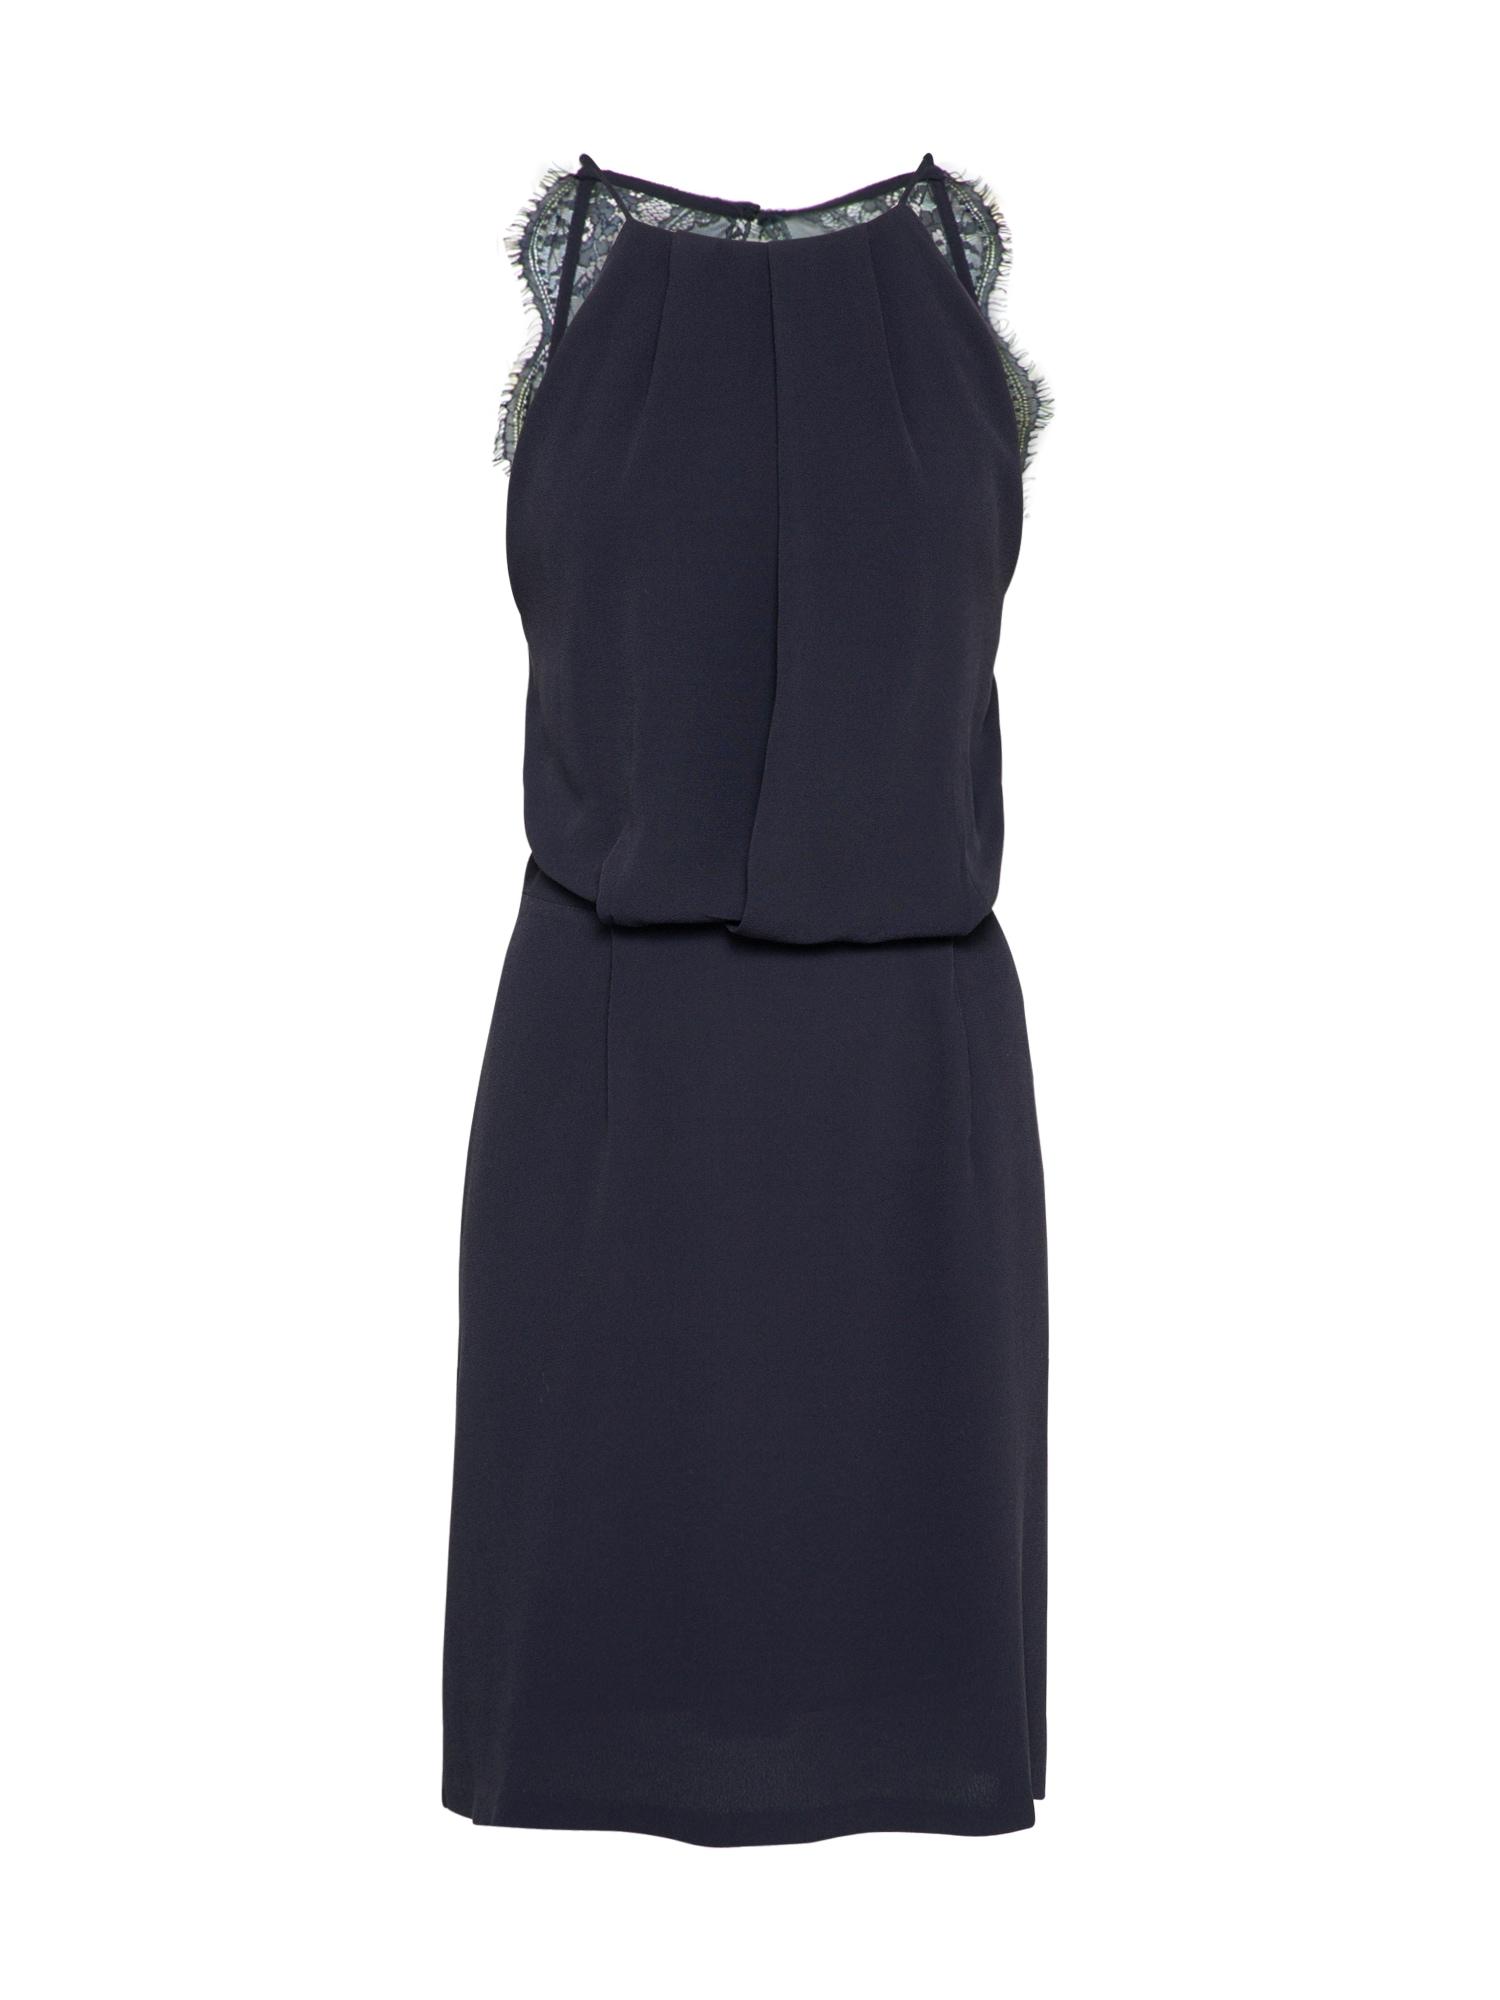 Letní šaty Willow 5687 námořnická modř Samsoe & Samsoe